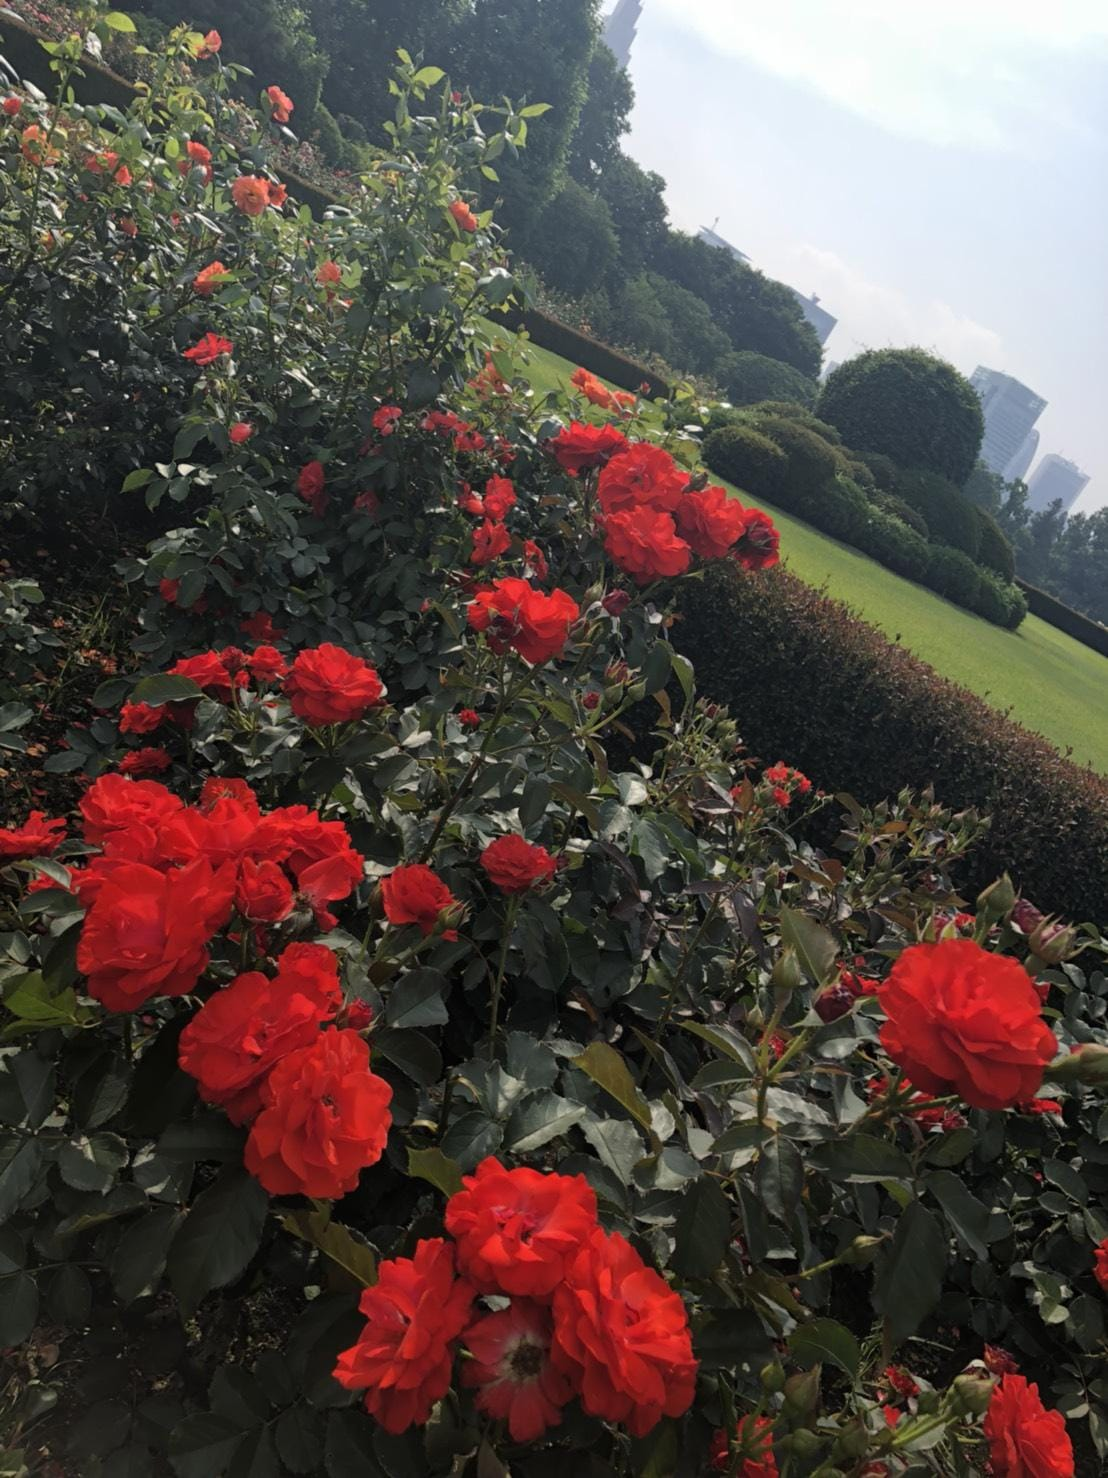 「おはようございます」06/29(06/29) 07:24 | 桐谷(きりたに)の写メ・風俗動画